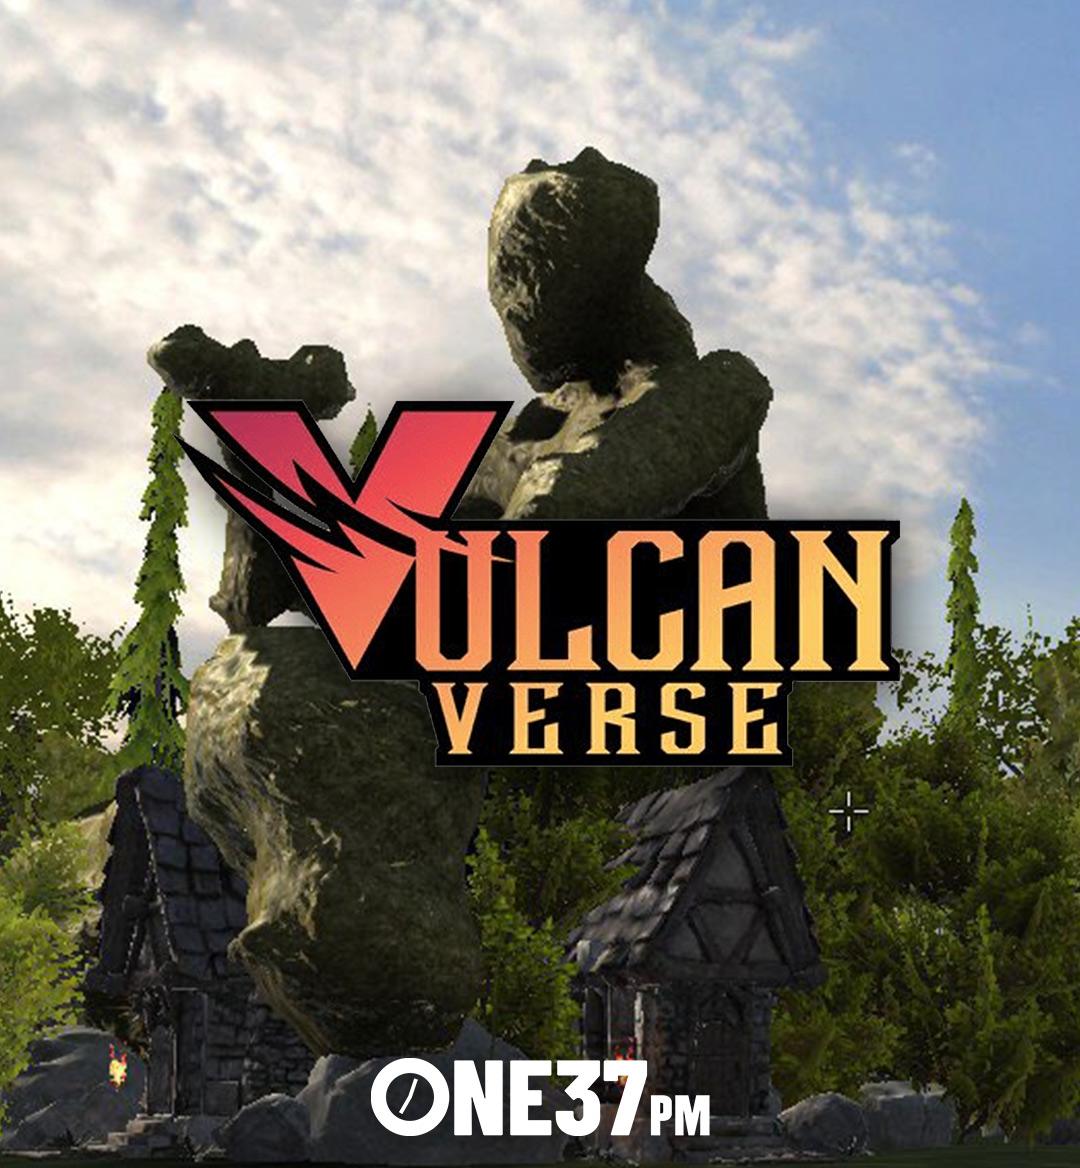 VULCAN MOBILE